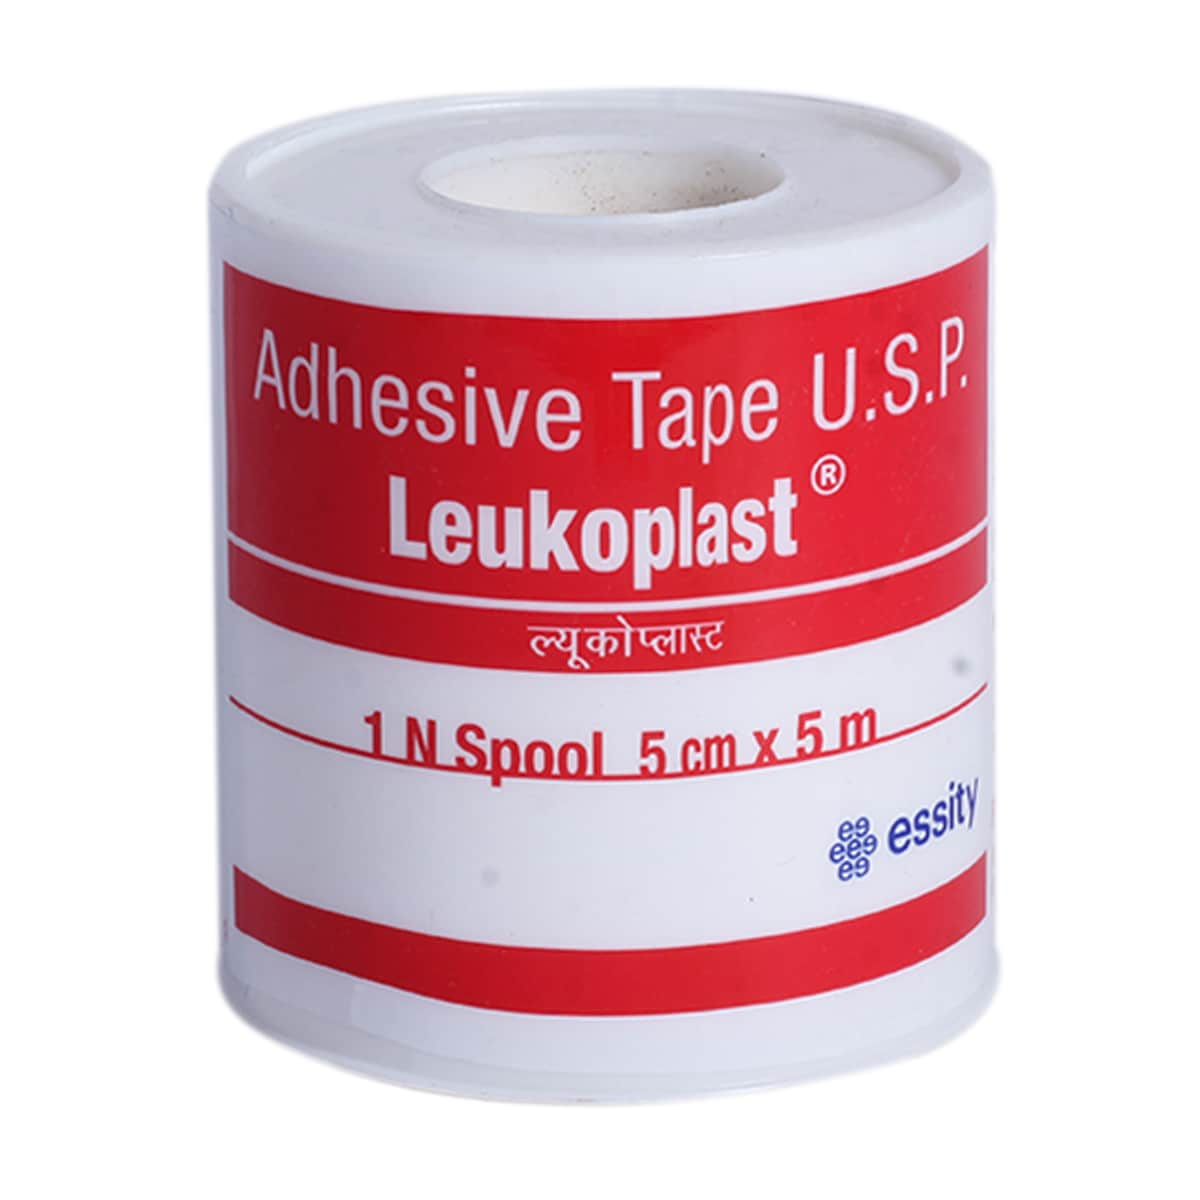 Leukoplast - 5cm/5mt, Pack of 1